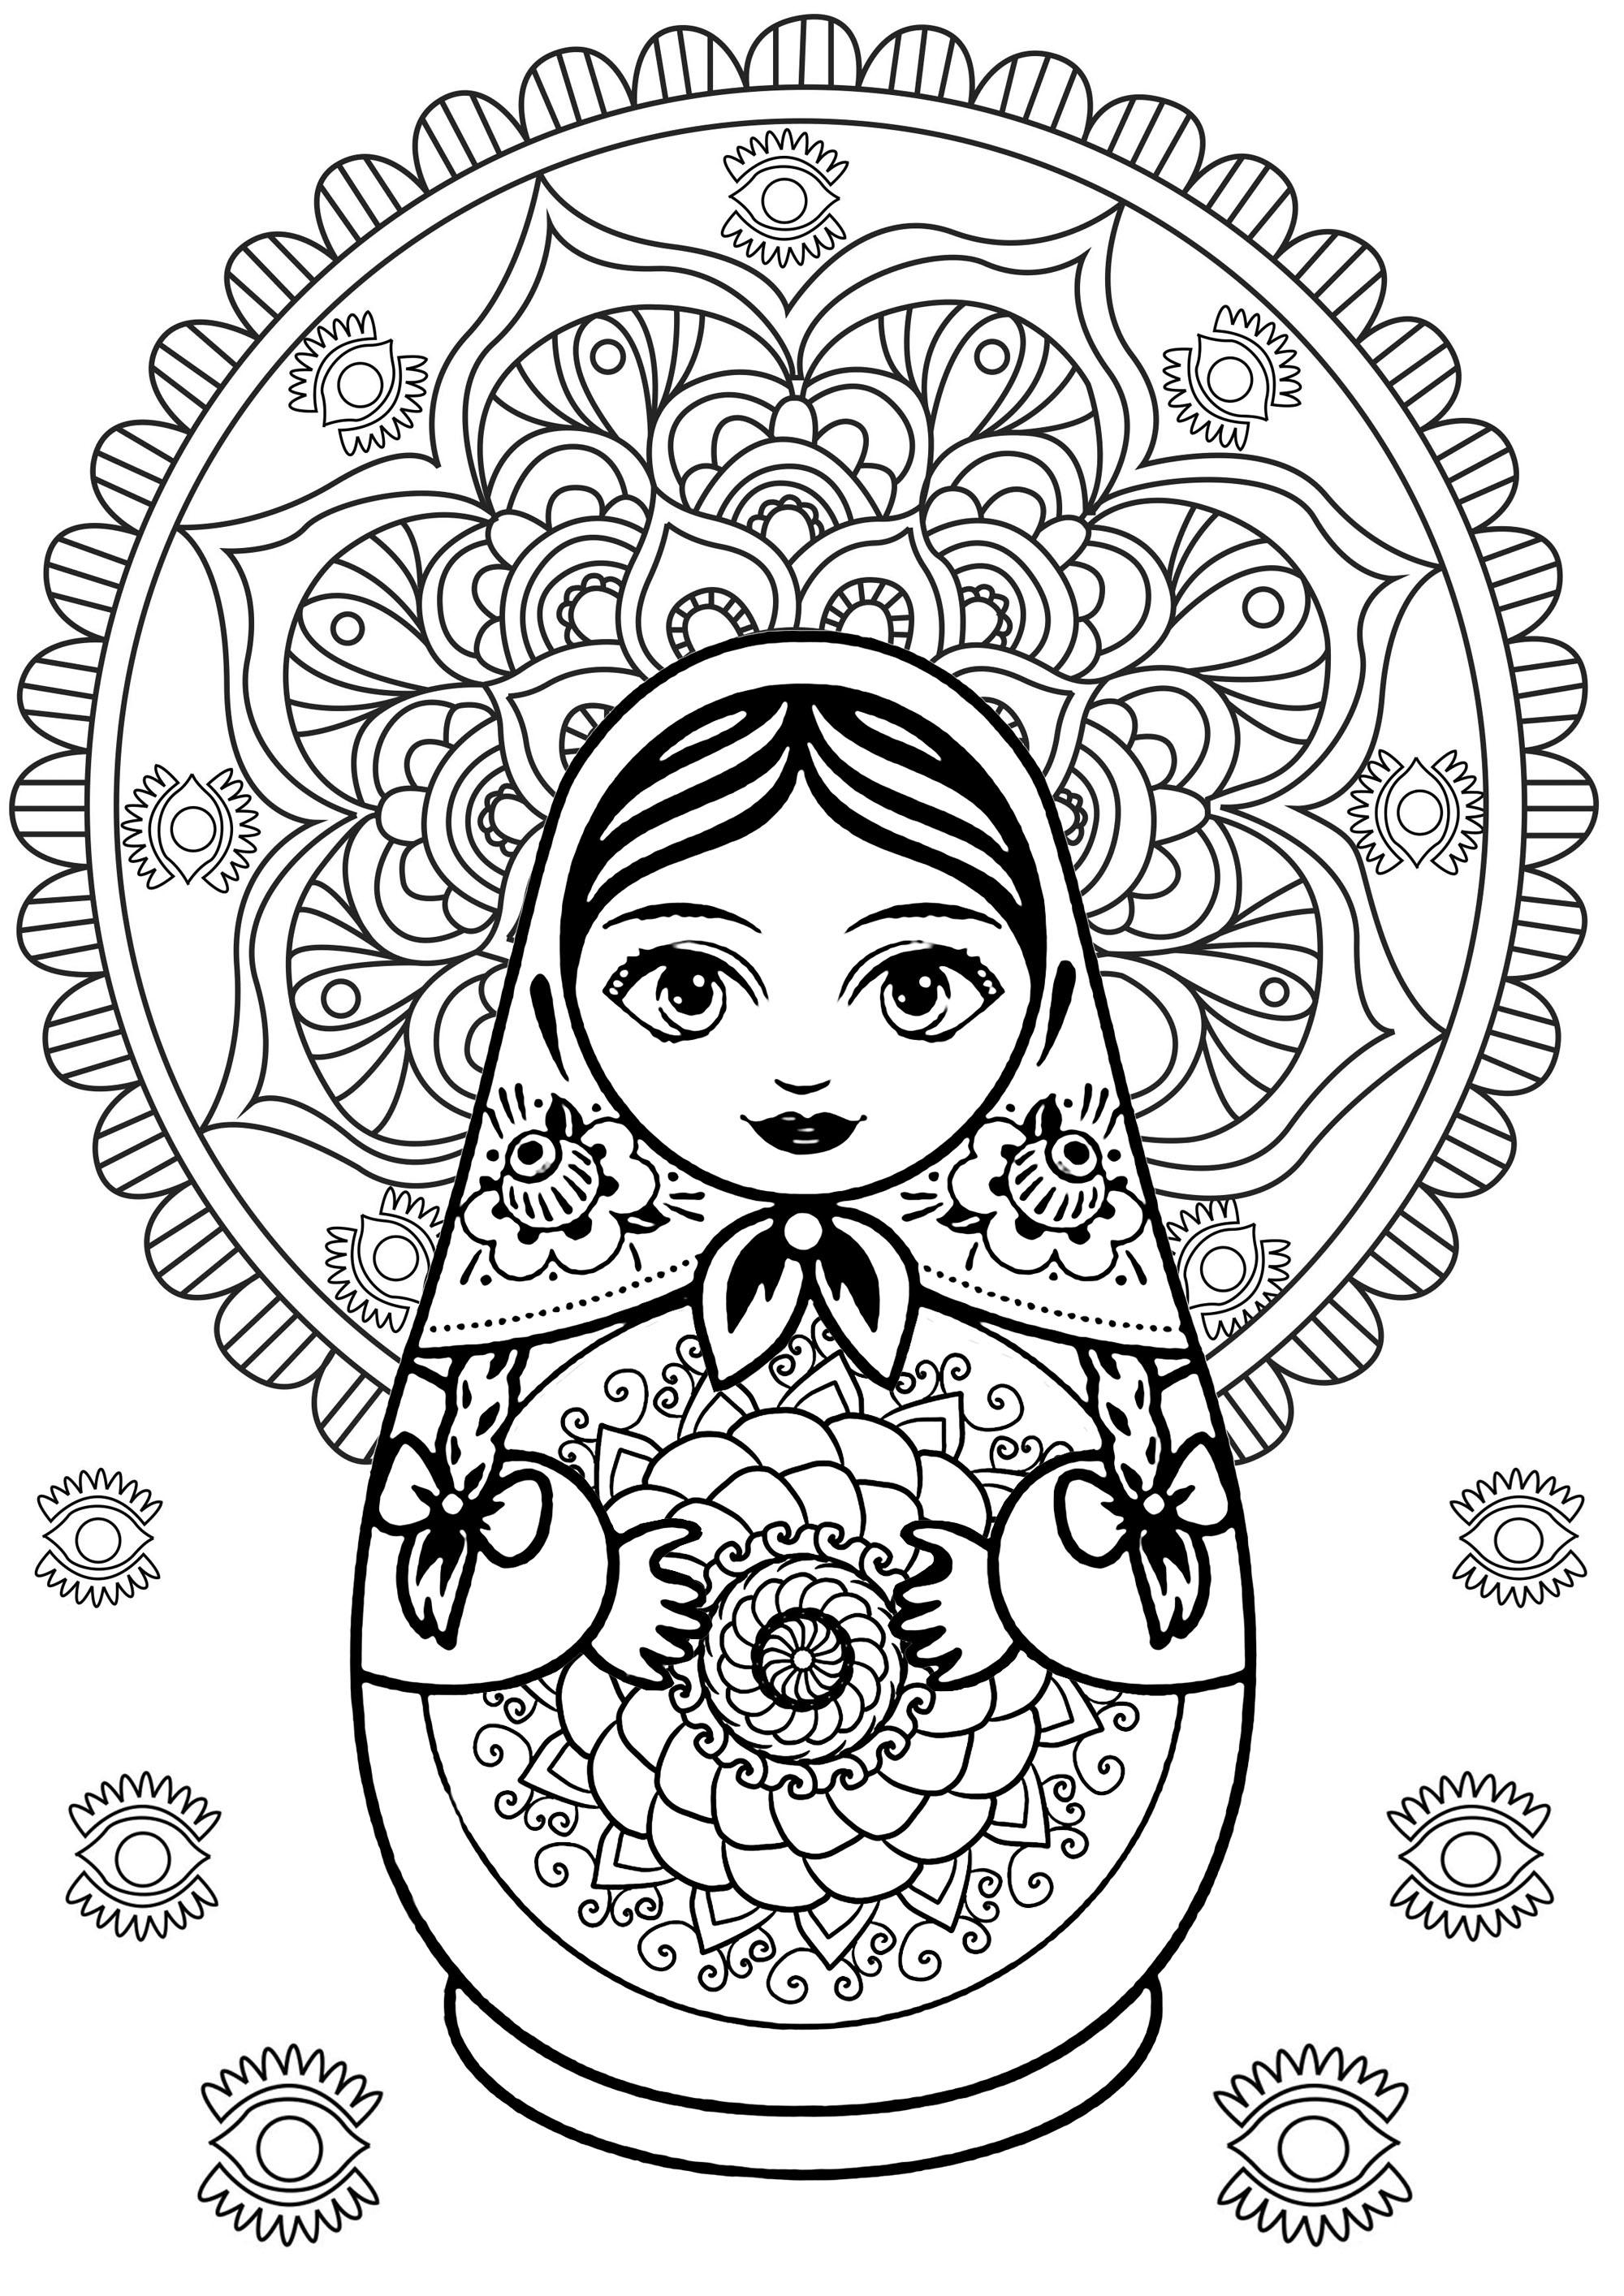 Poupée russe, jolis Mandalas (un au milieu et un en fond), et jolis motifs